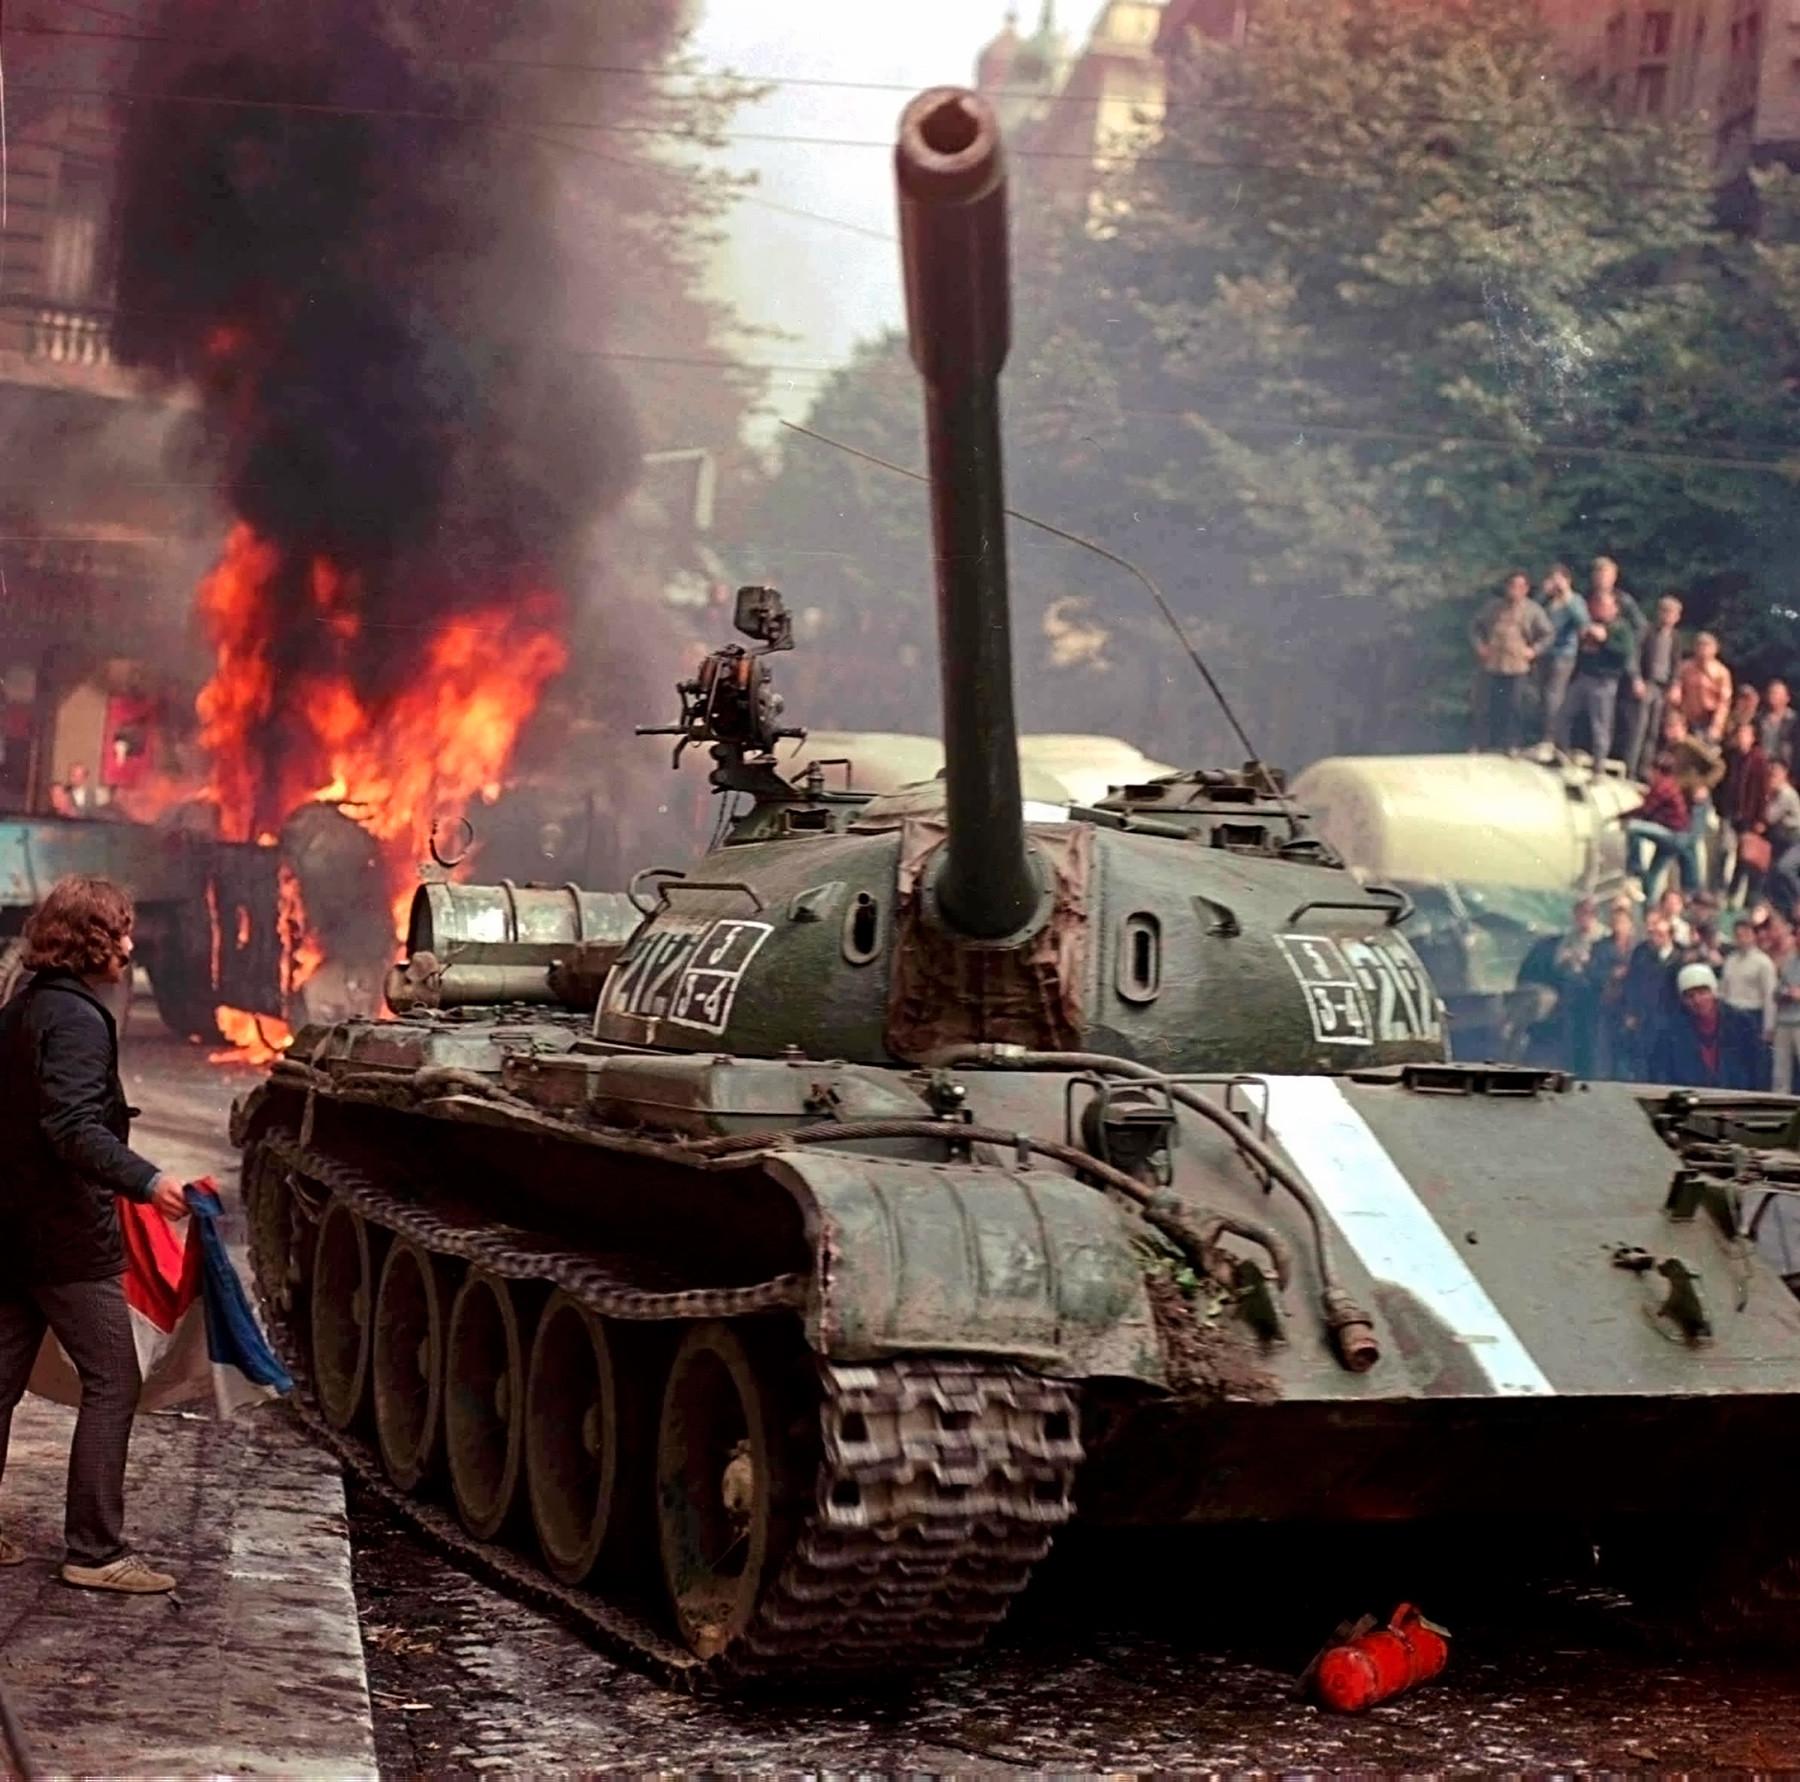 Sovjetski tenk se probija kroz barikade na ulicama Praga, kolovoz 1968.